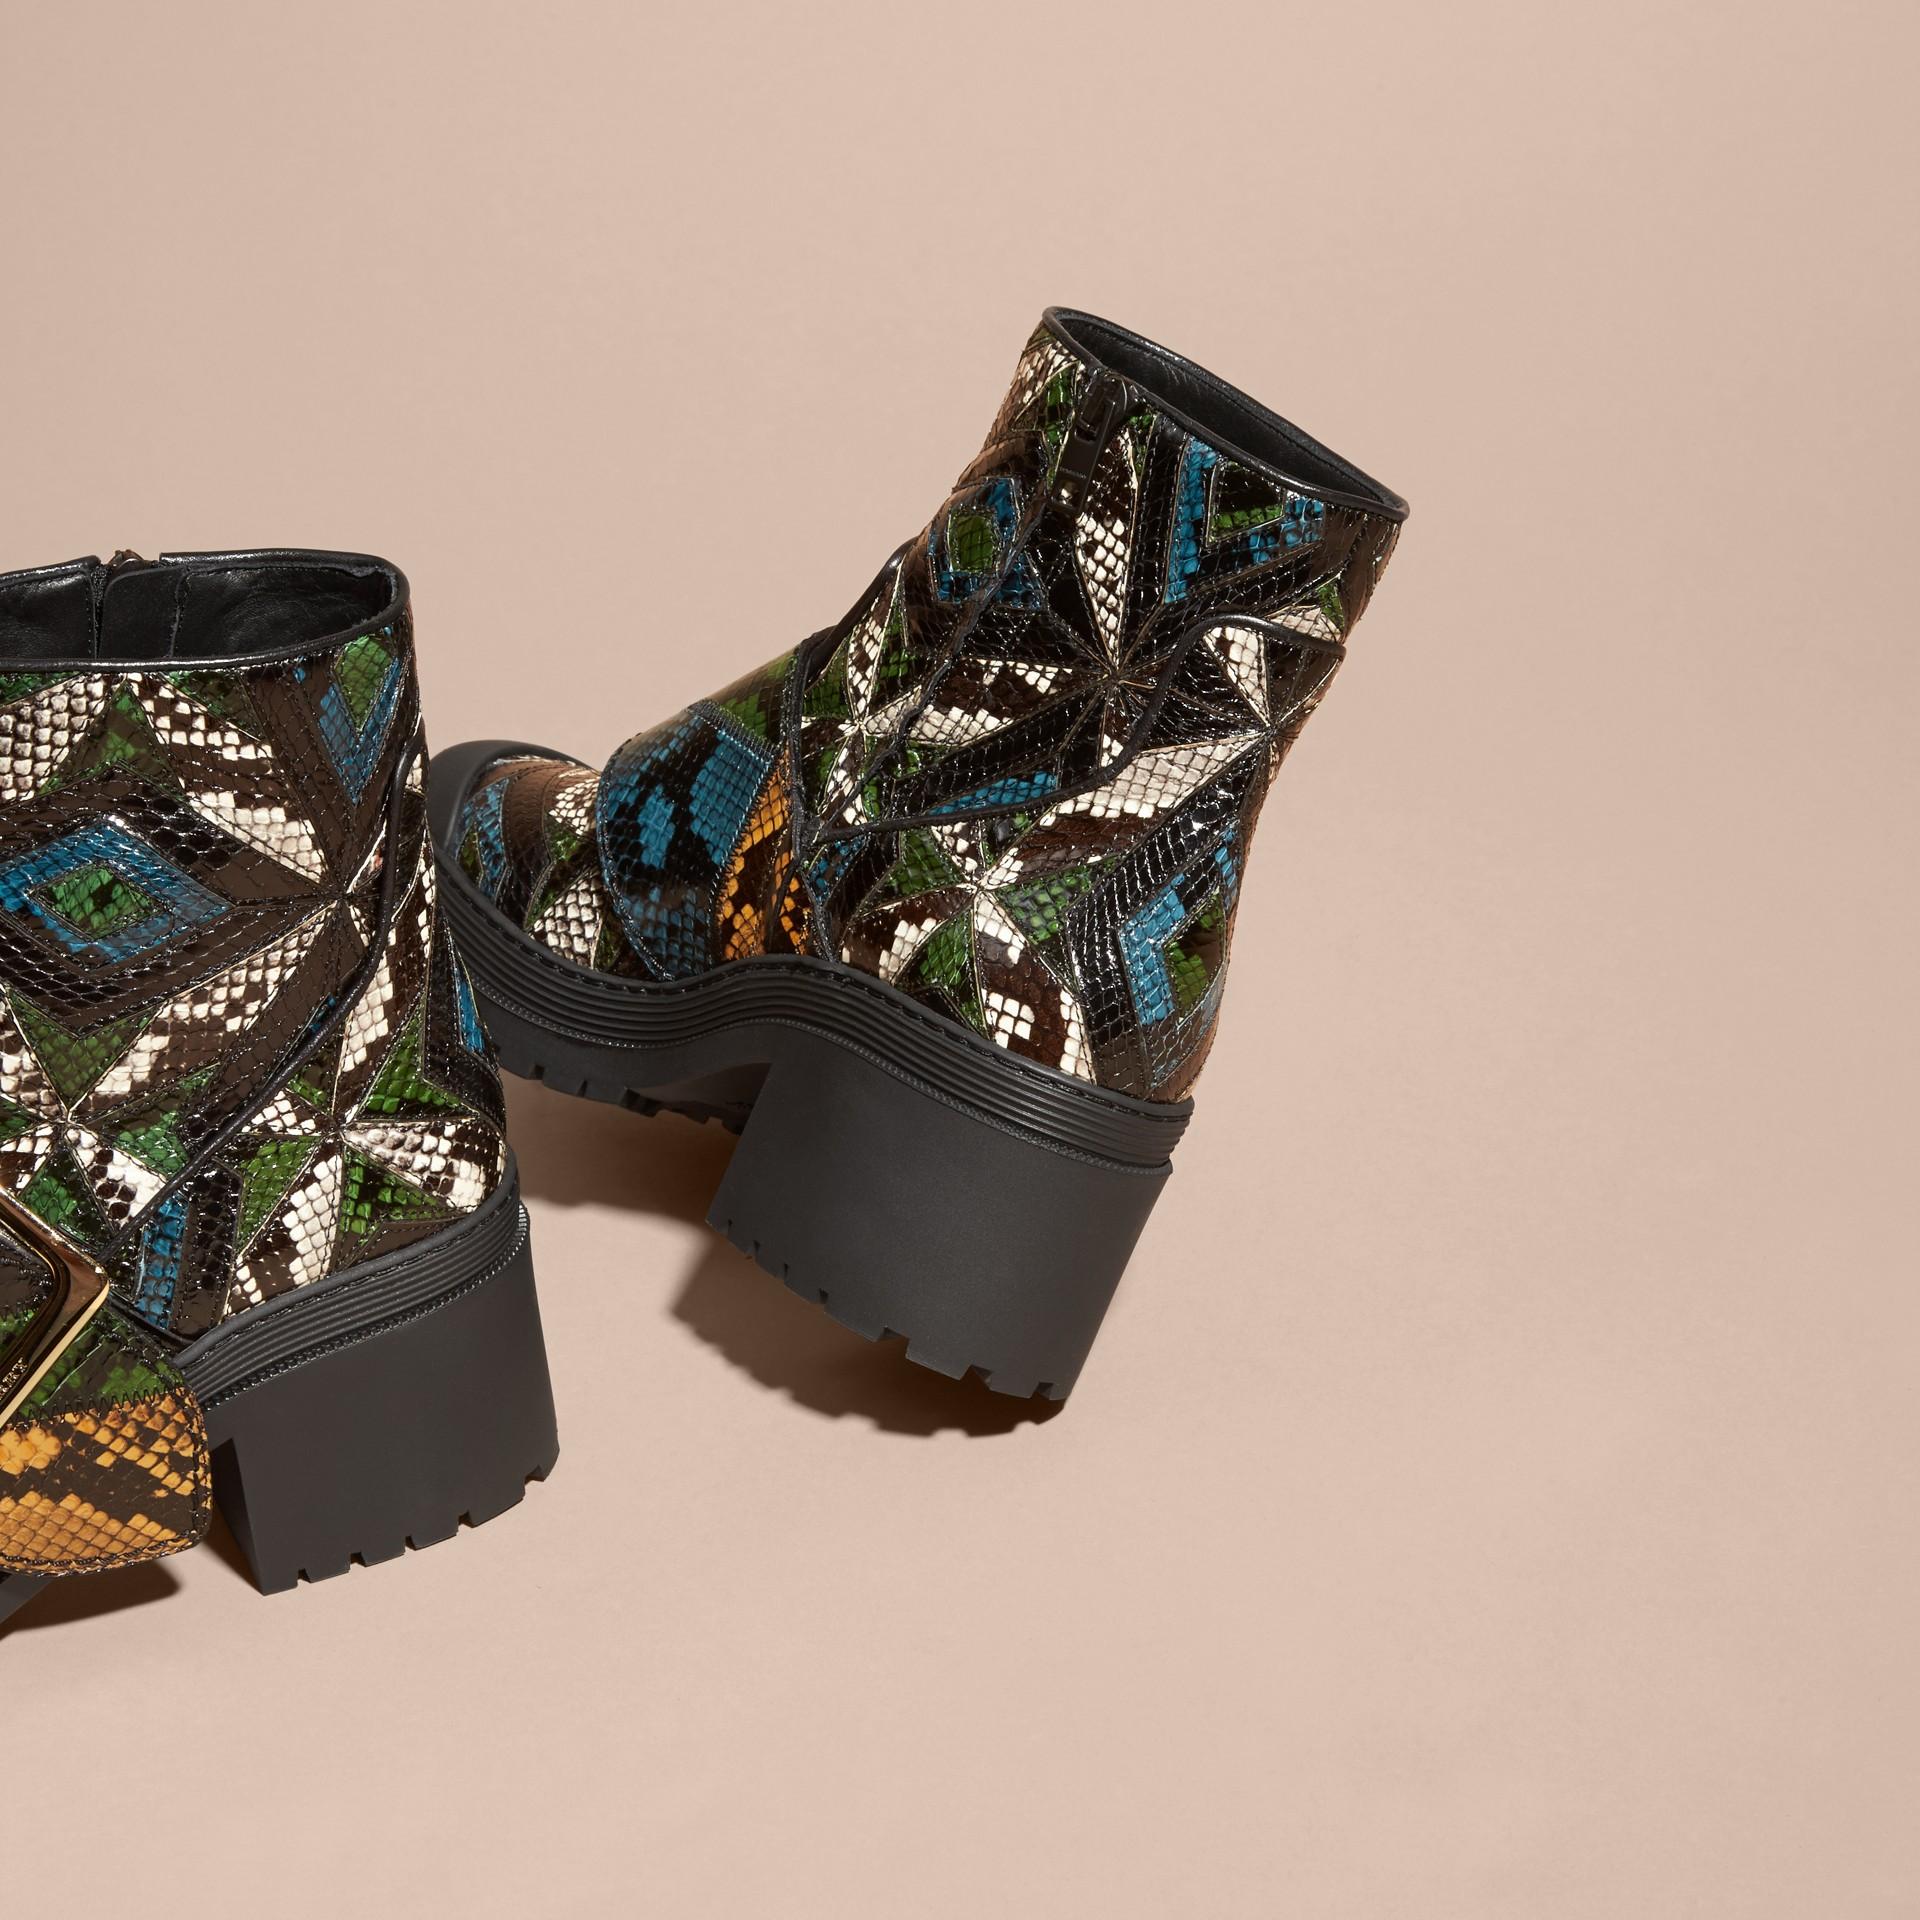 Nero/blu minerale Stivali The Buckle in pelle di serpente - immagine della galleria 4